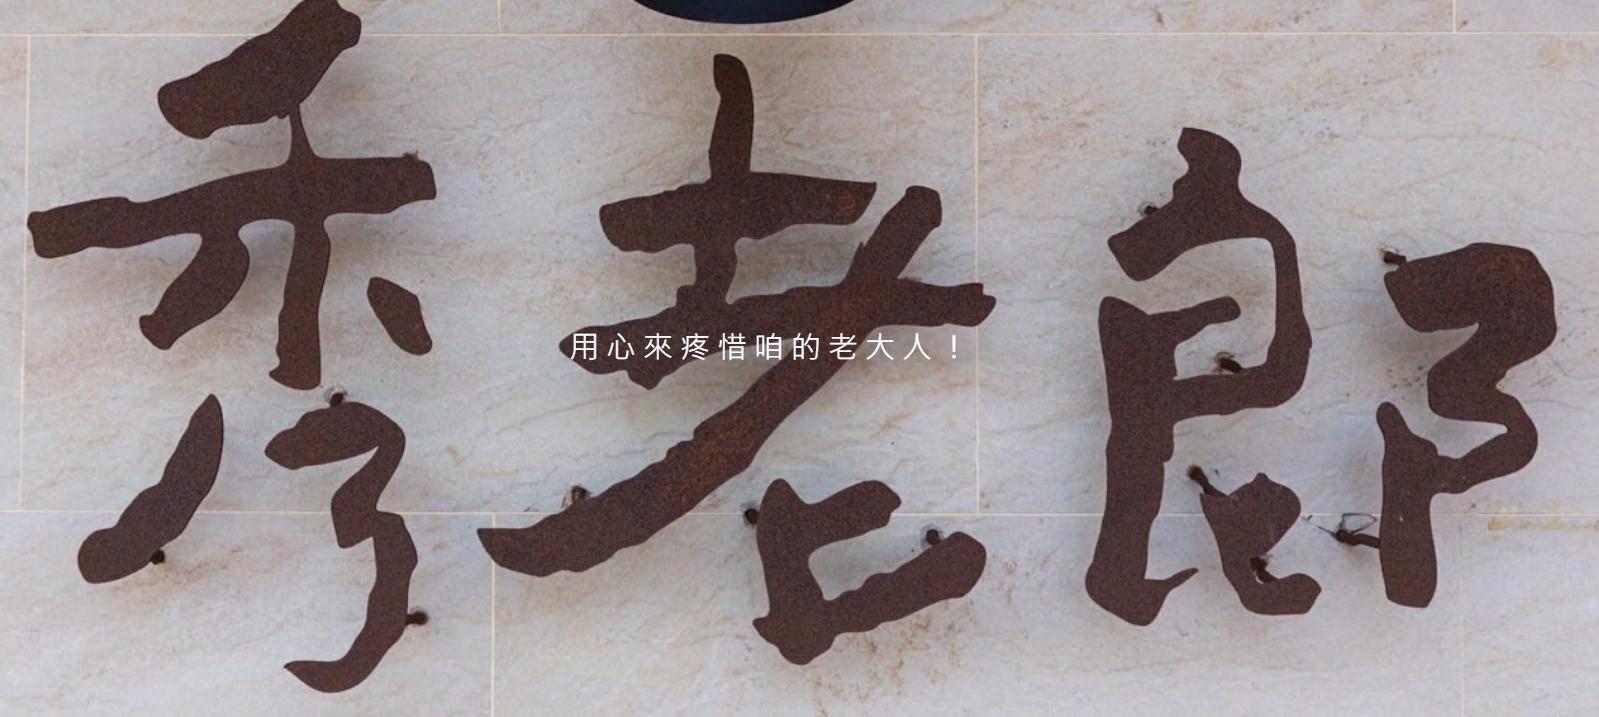 全國第一家!臺灣企銀攜手亞洲大學、信保基金 力挺長照2.0